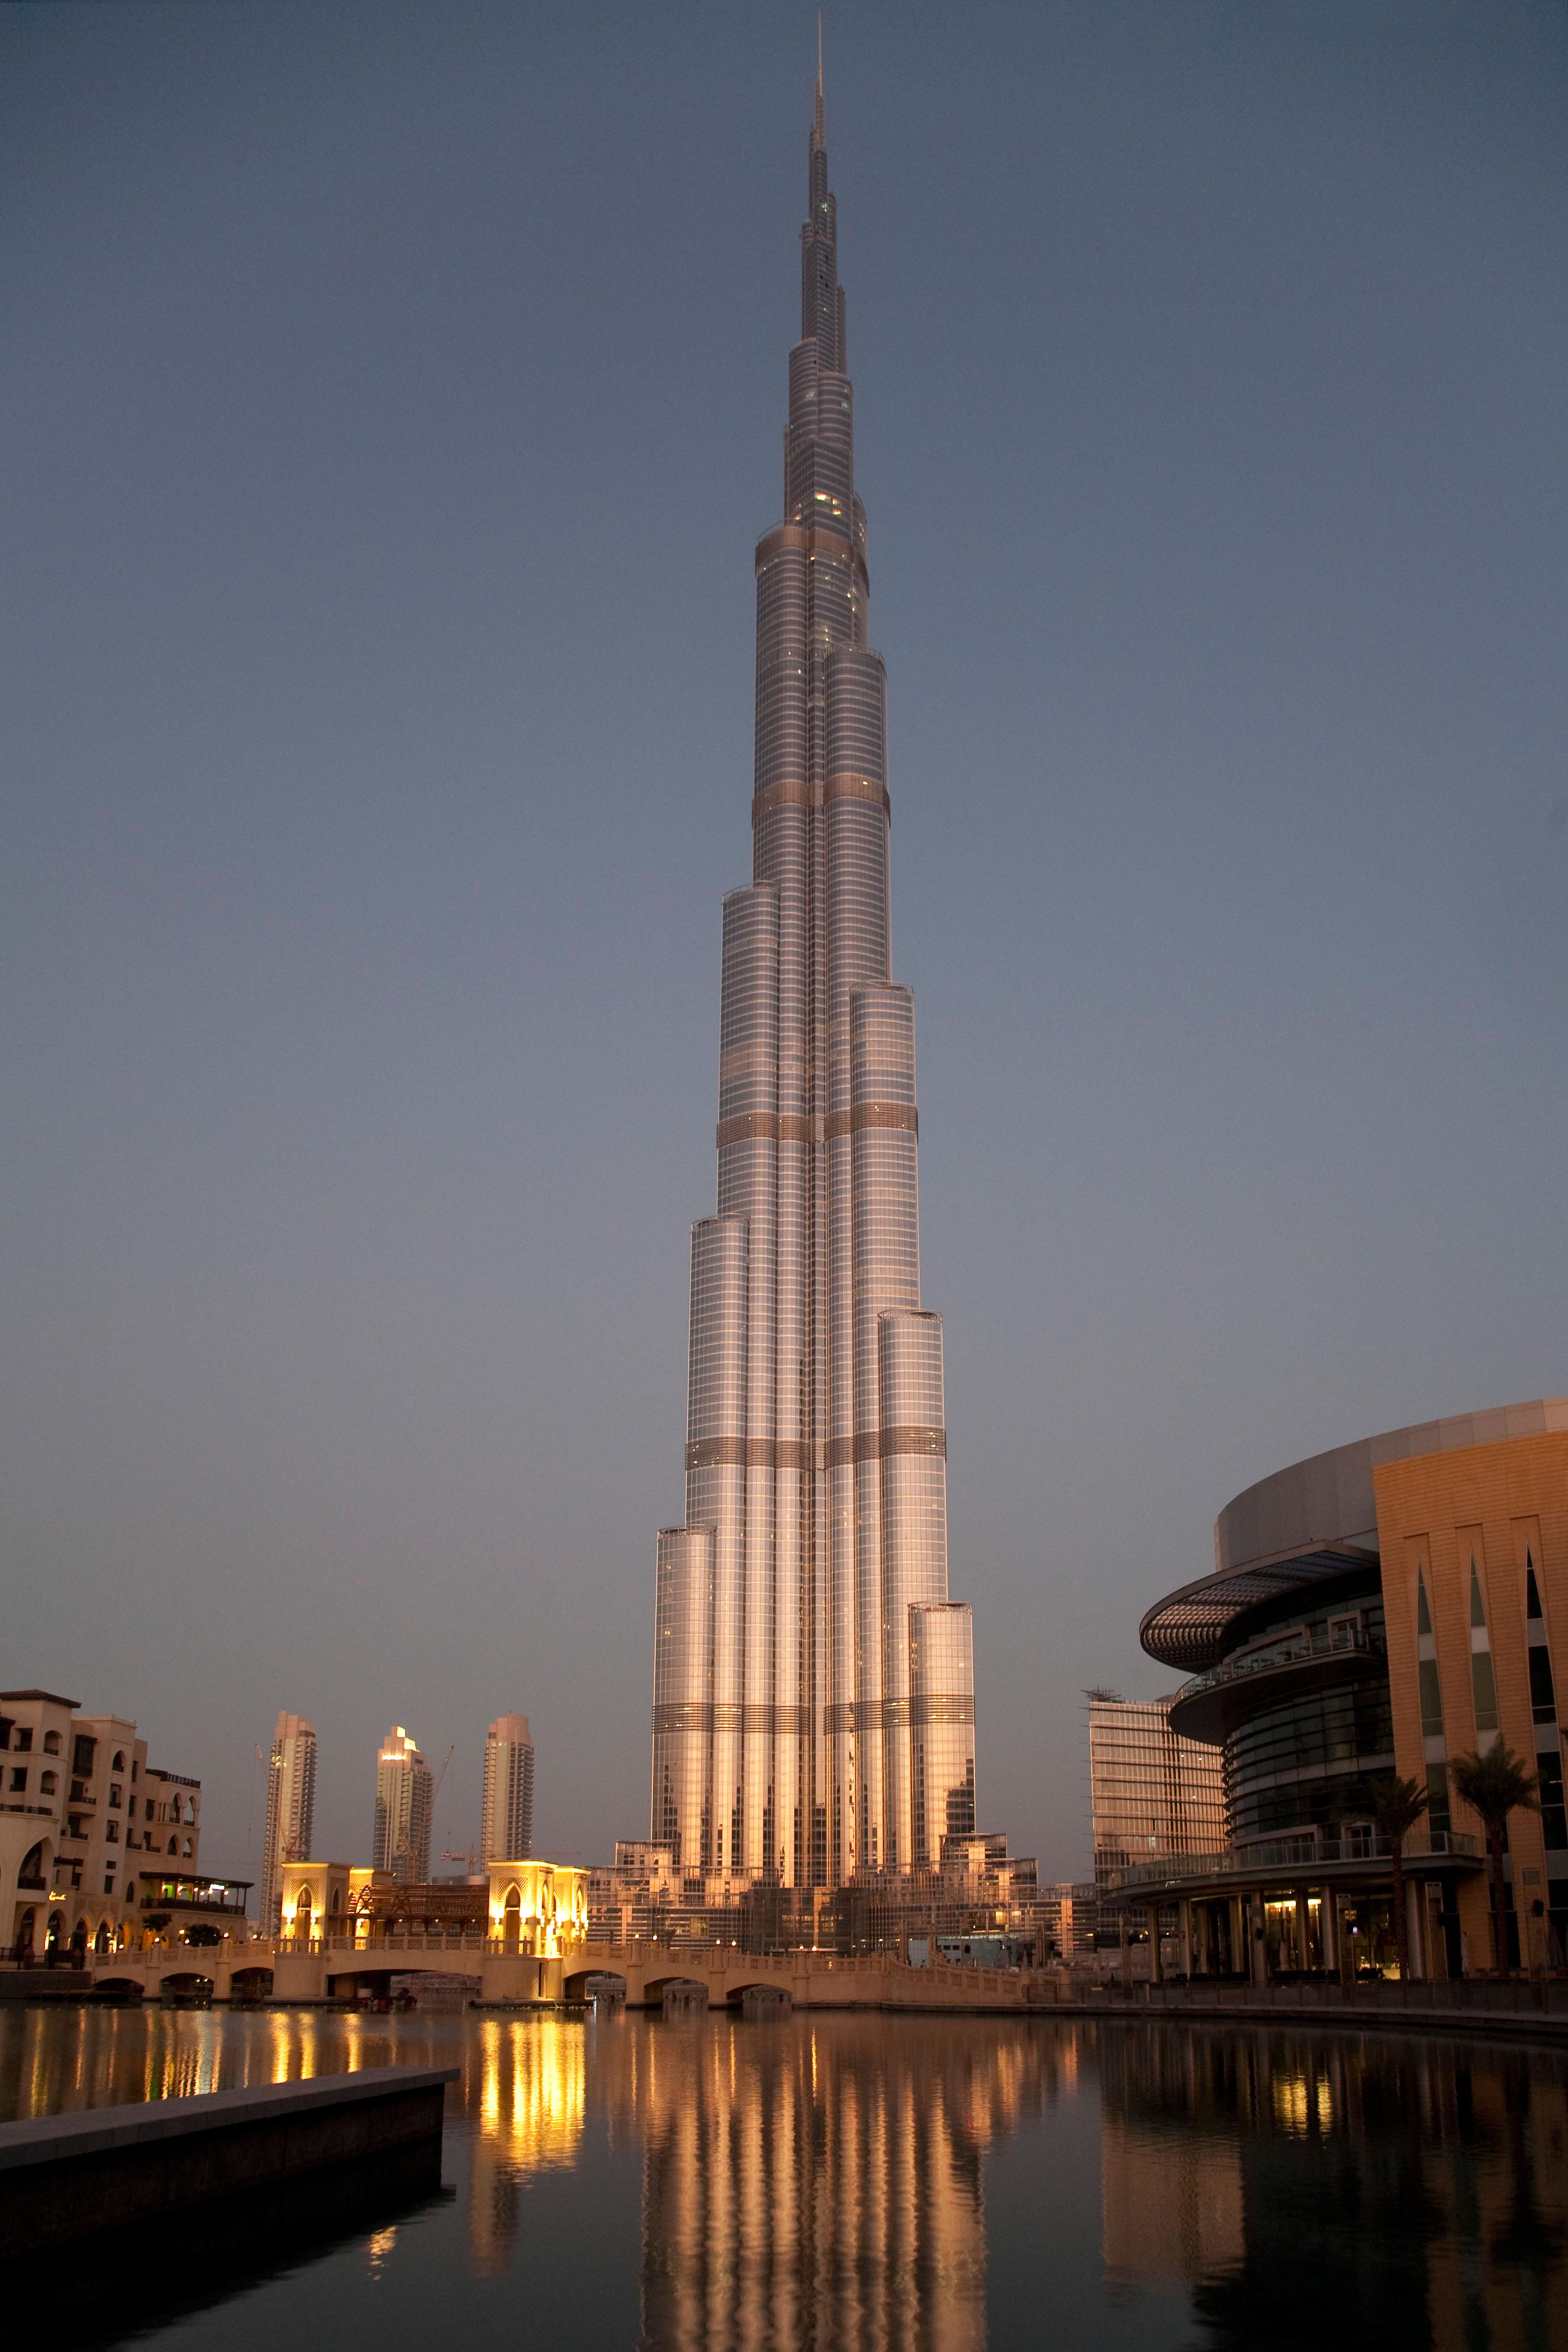 A dubai il grattacielo pi alto del mondo 828 metri - Dubai grattacielo piu alto ...